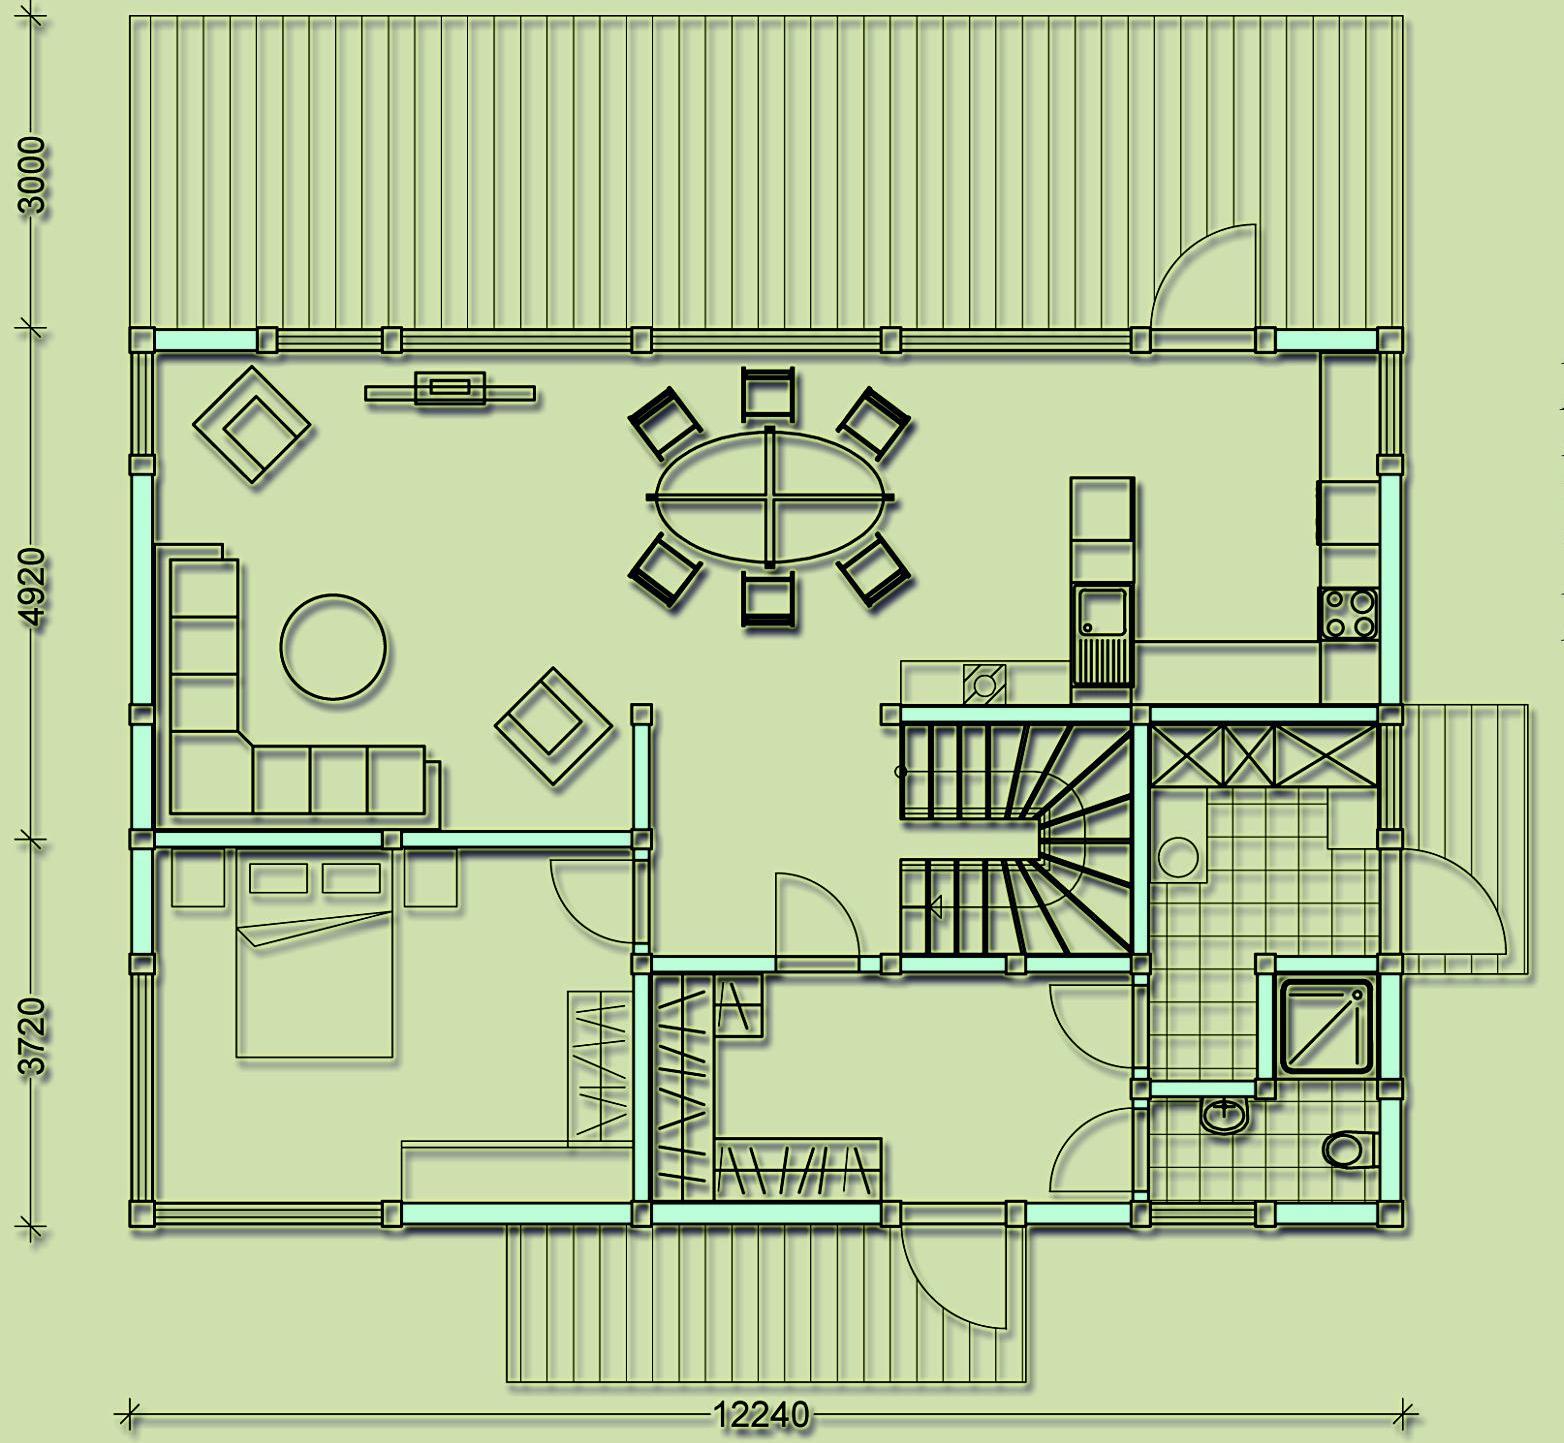 первый этаж фахверкового дома общей площадью 210 кв.м